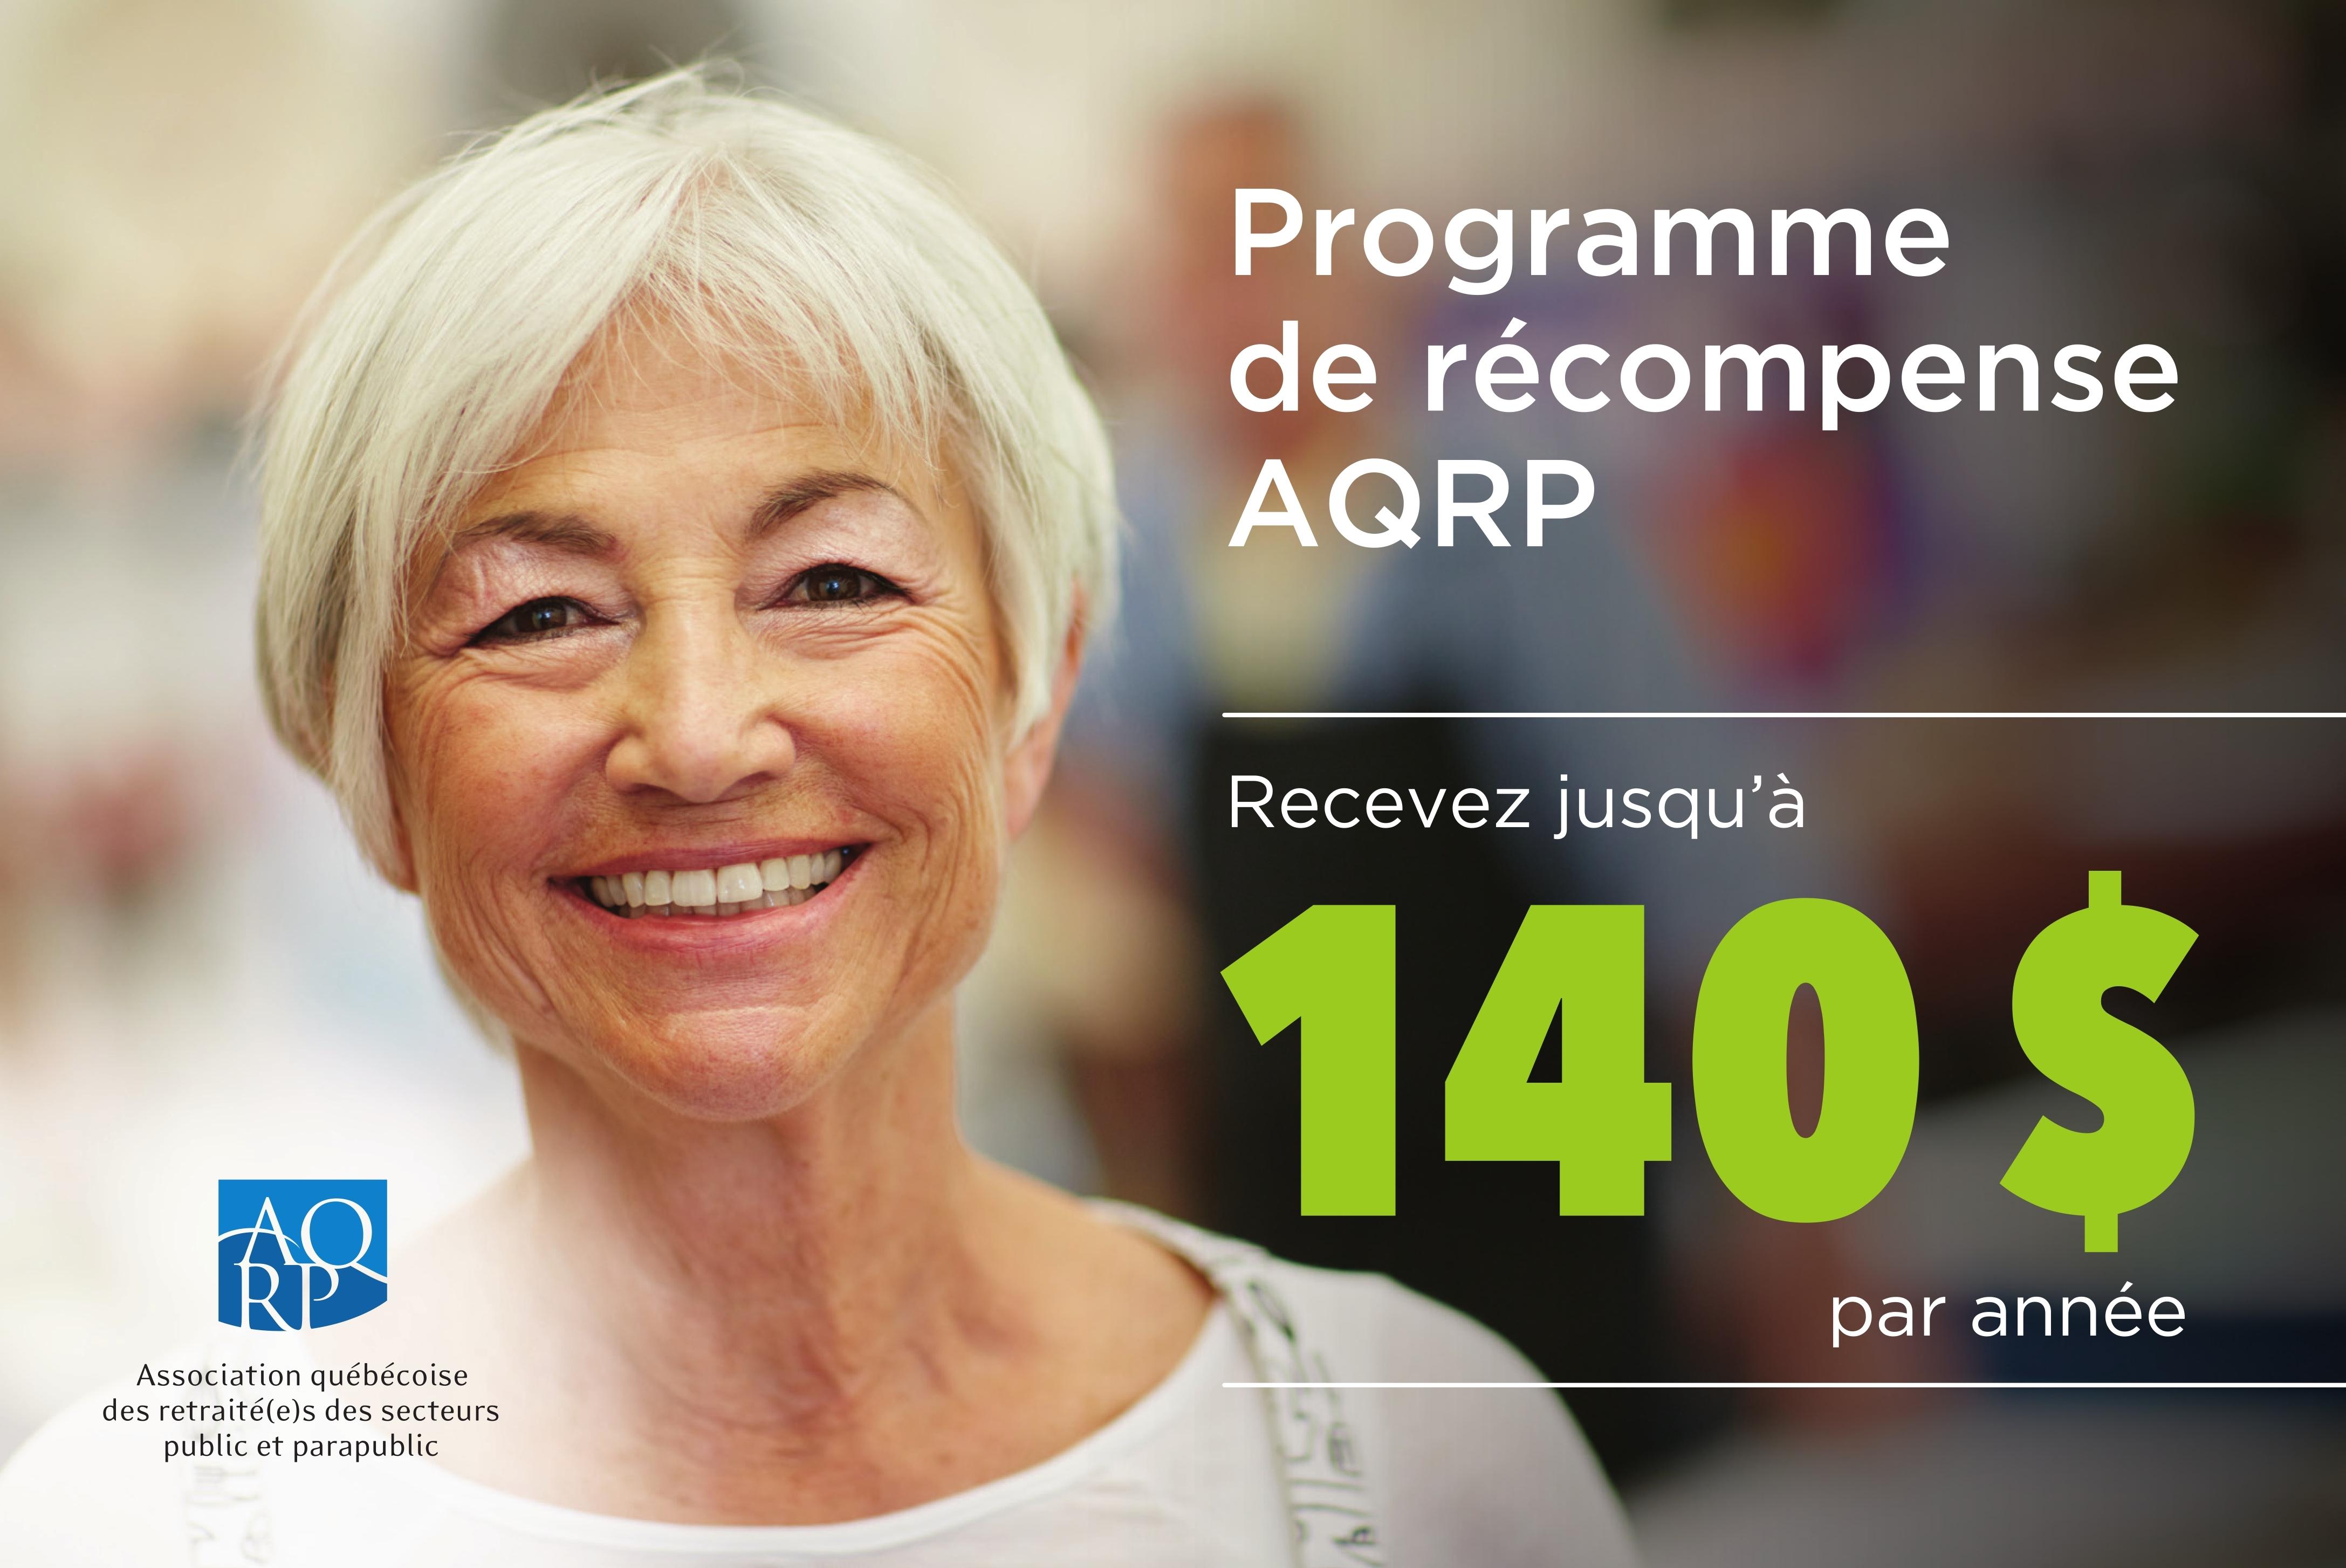 Recompense Aqrp